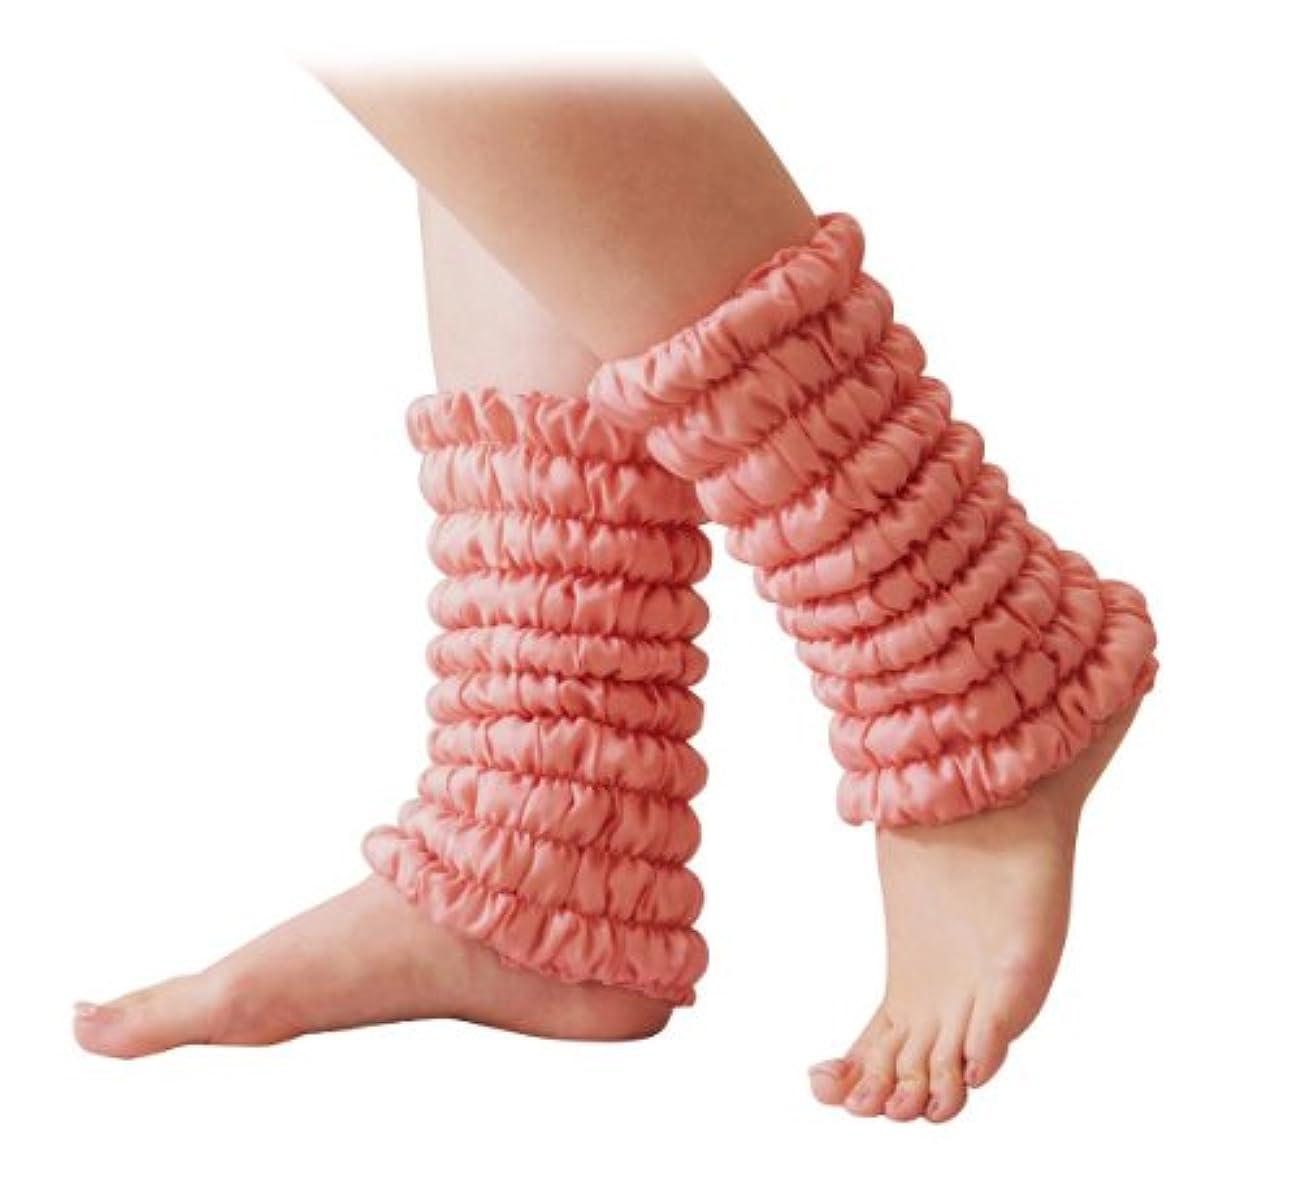 に対処する量で大陸富士パックス販売 オーラ 蓄熱繊維 足湯気分 「 足首 岩盤浴 ウォーマー 」 ピンク